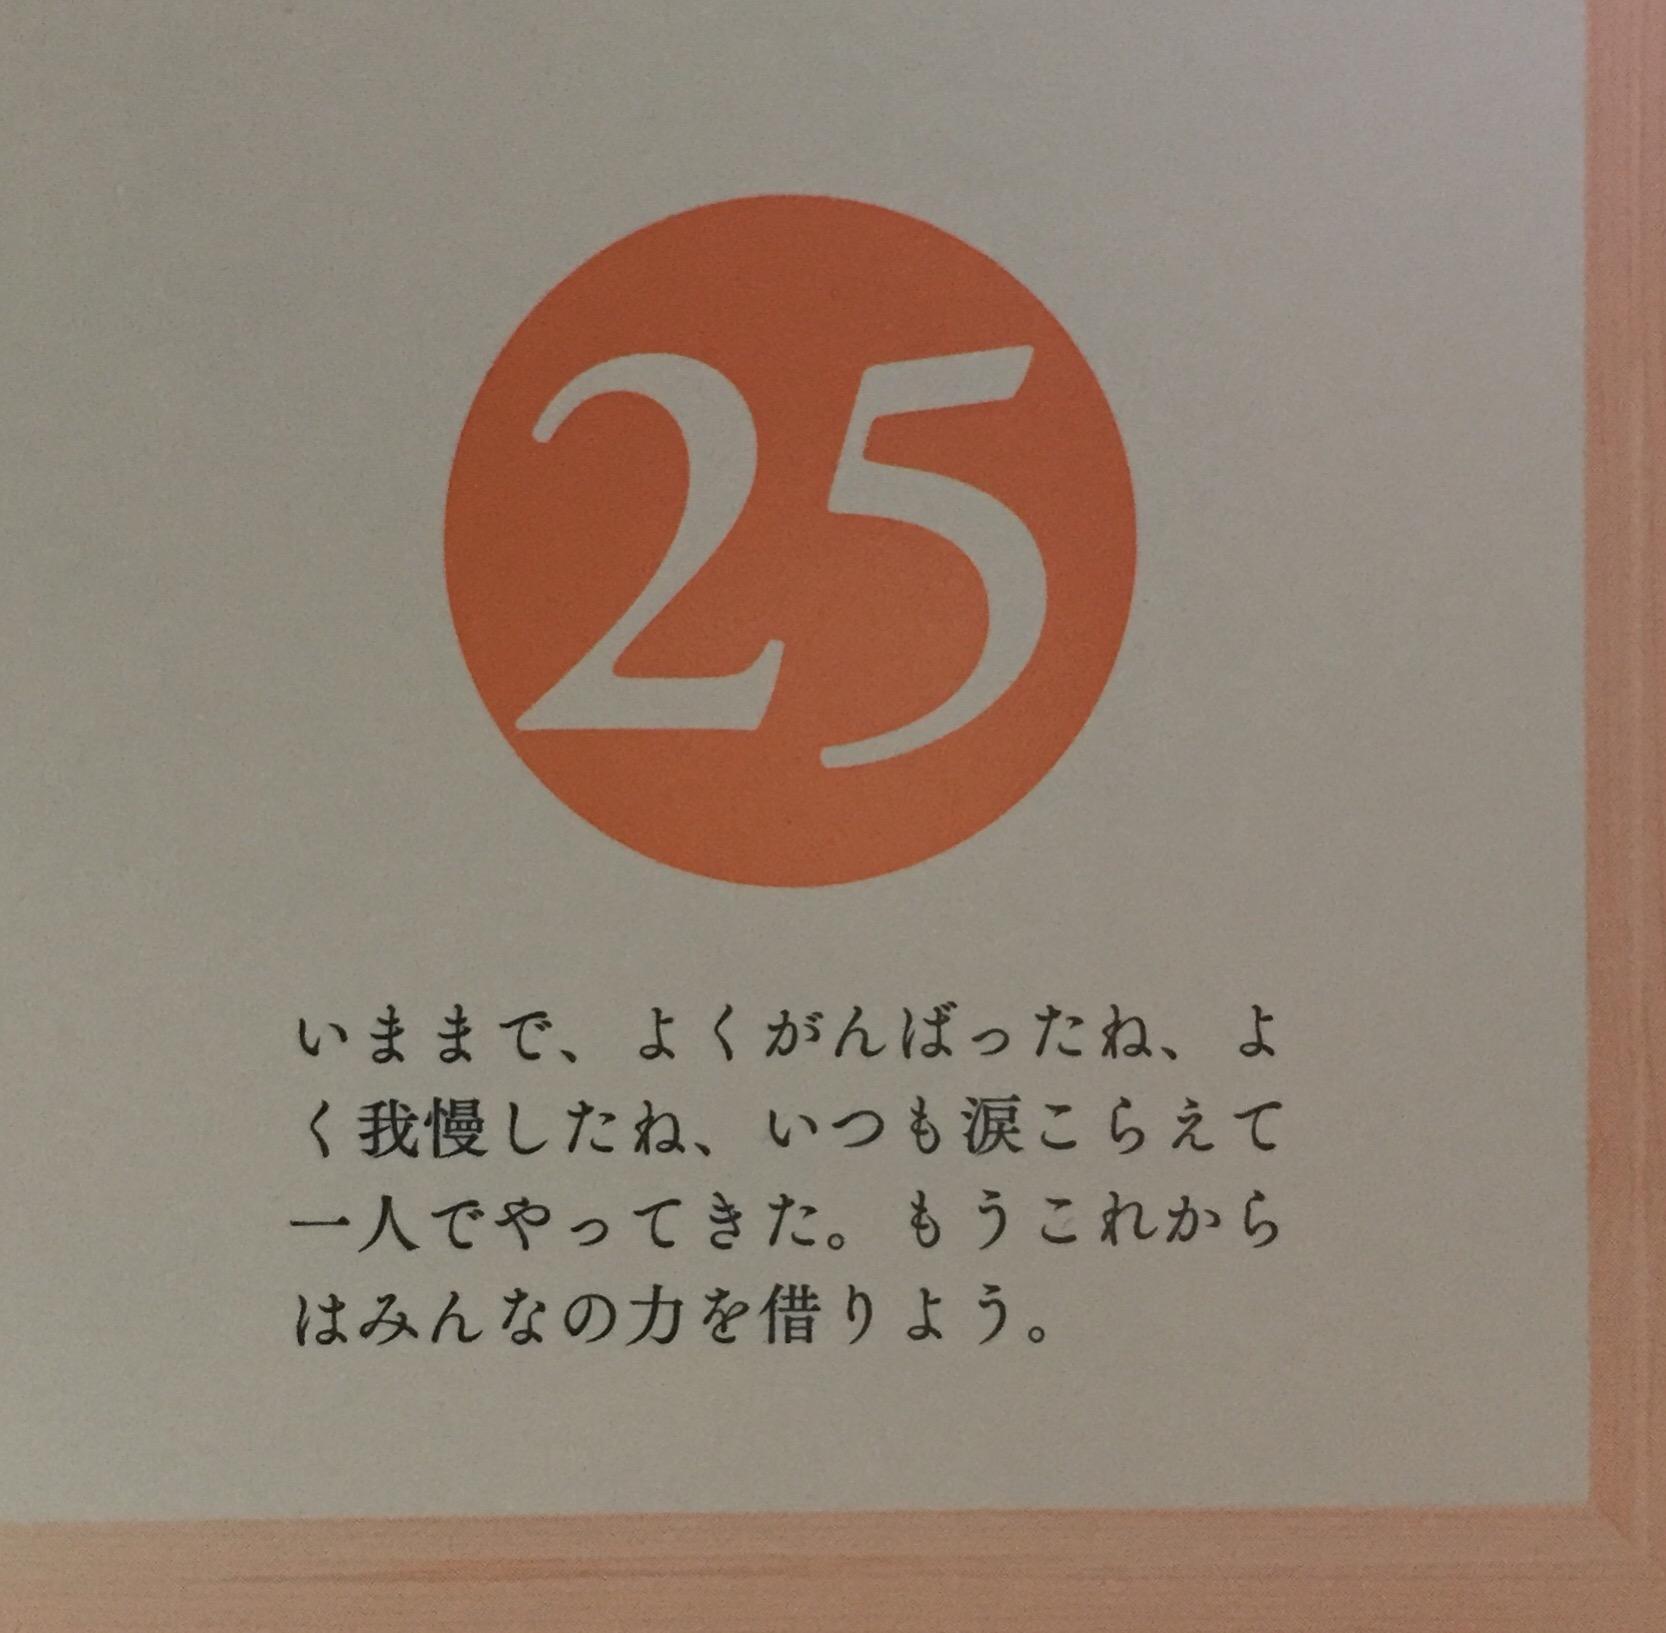 54BA3A46-7788-41B7-B7D8-87BF518F480C